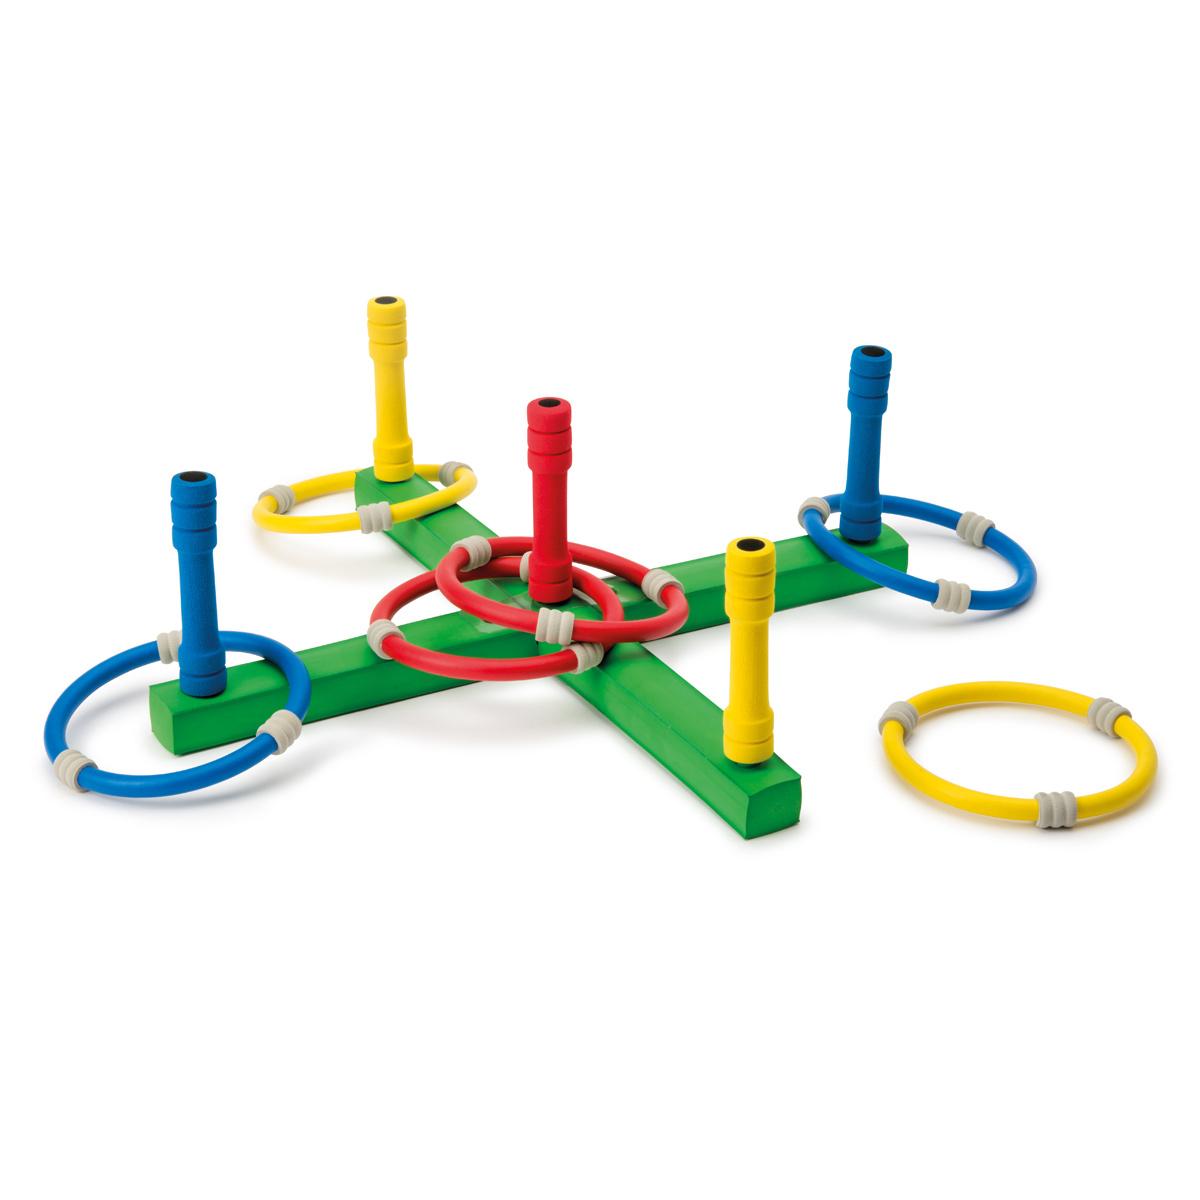 Anneaux En Mousse avec Jeux Pour Enfant De 5 Ans